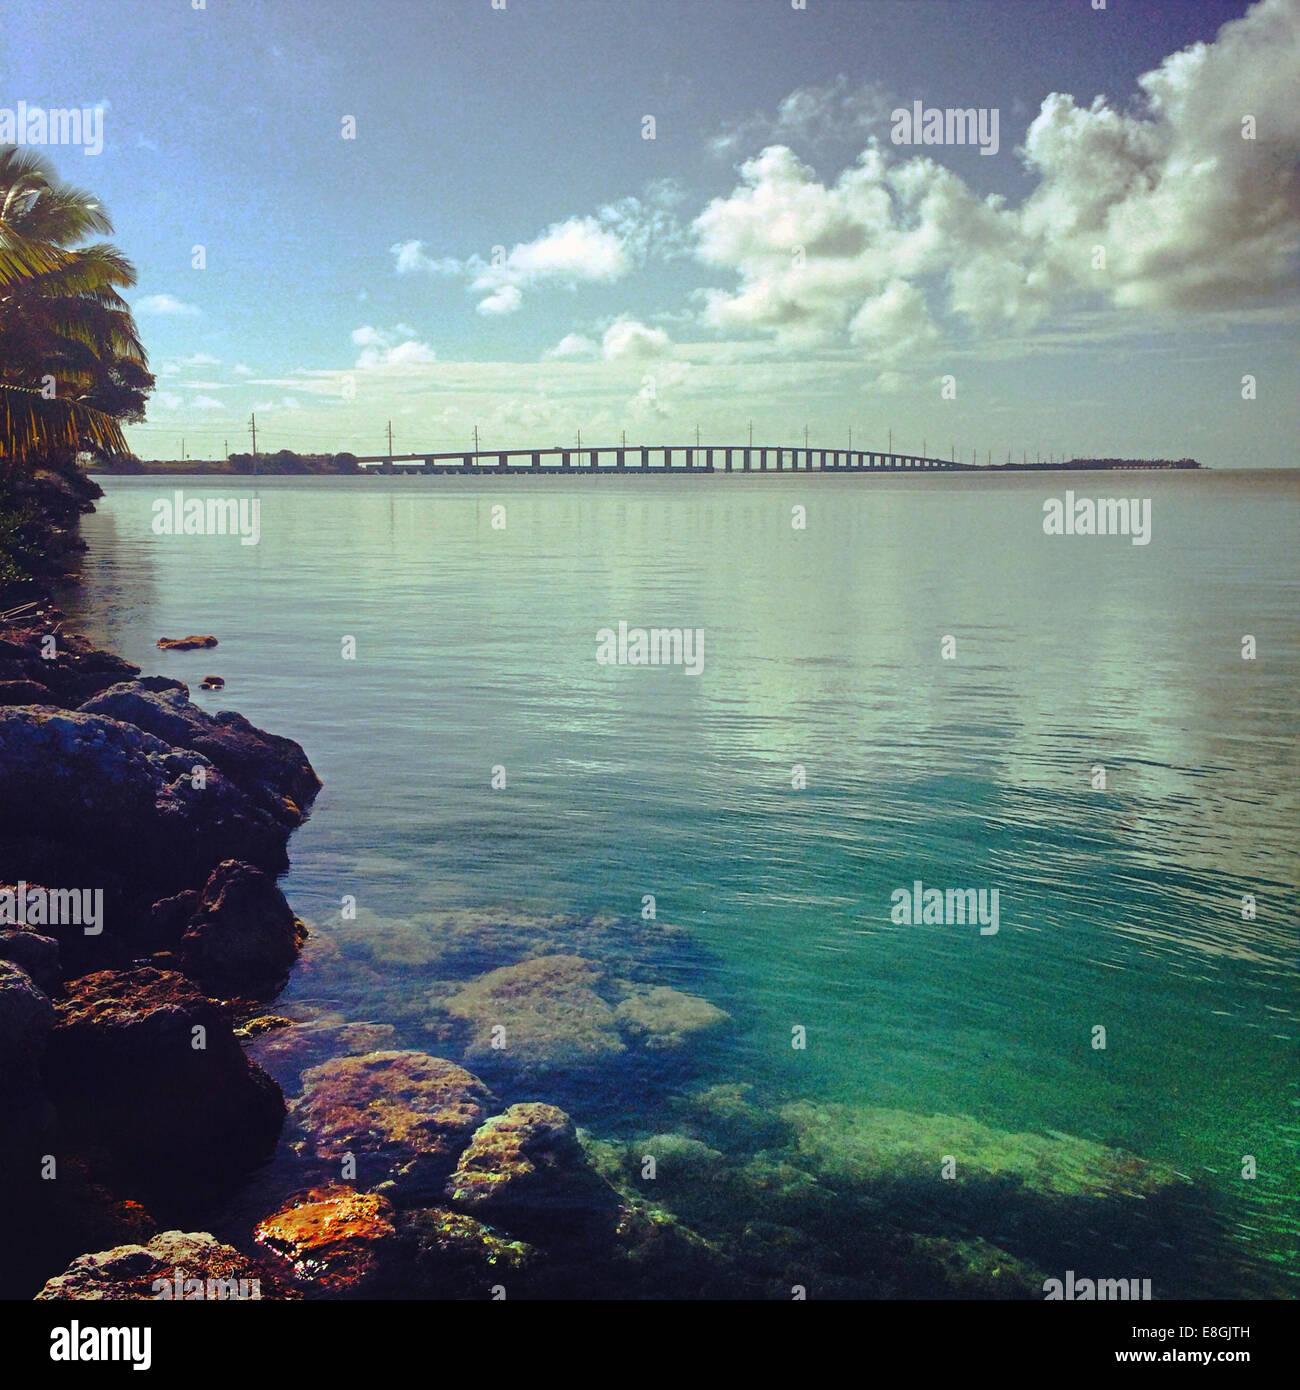 Key West, Florida, America, USA - Stock Image